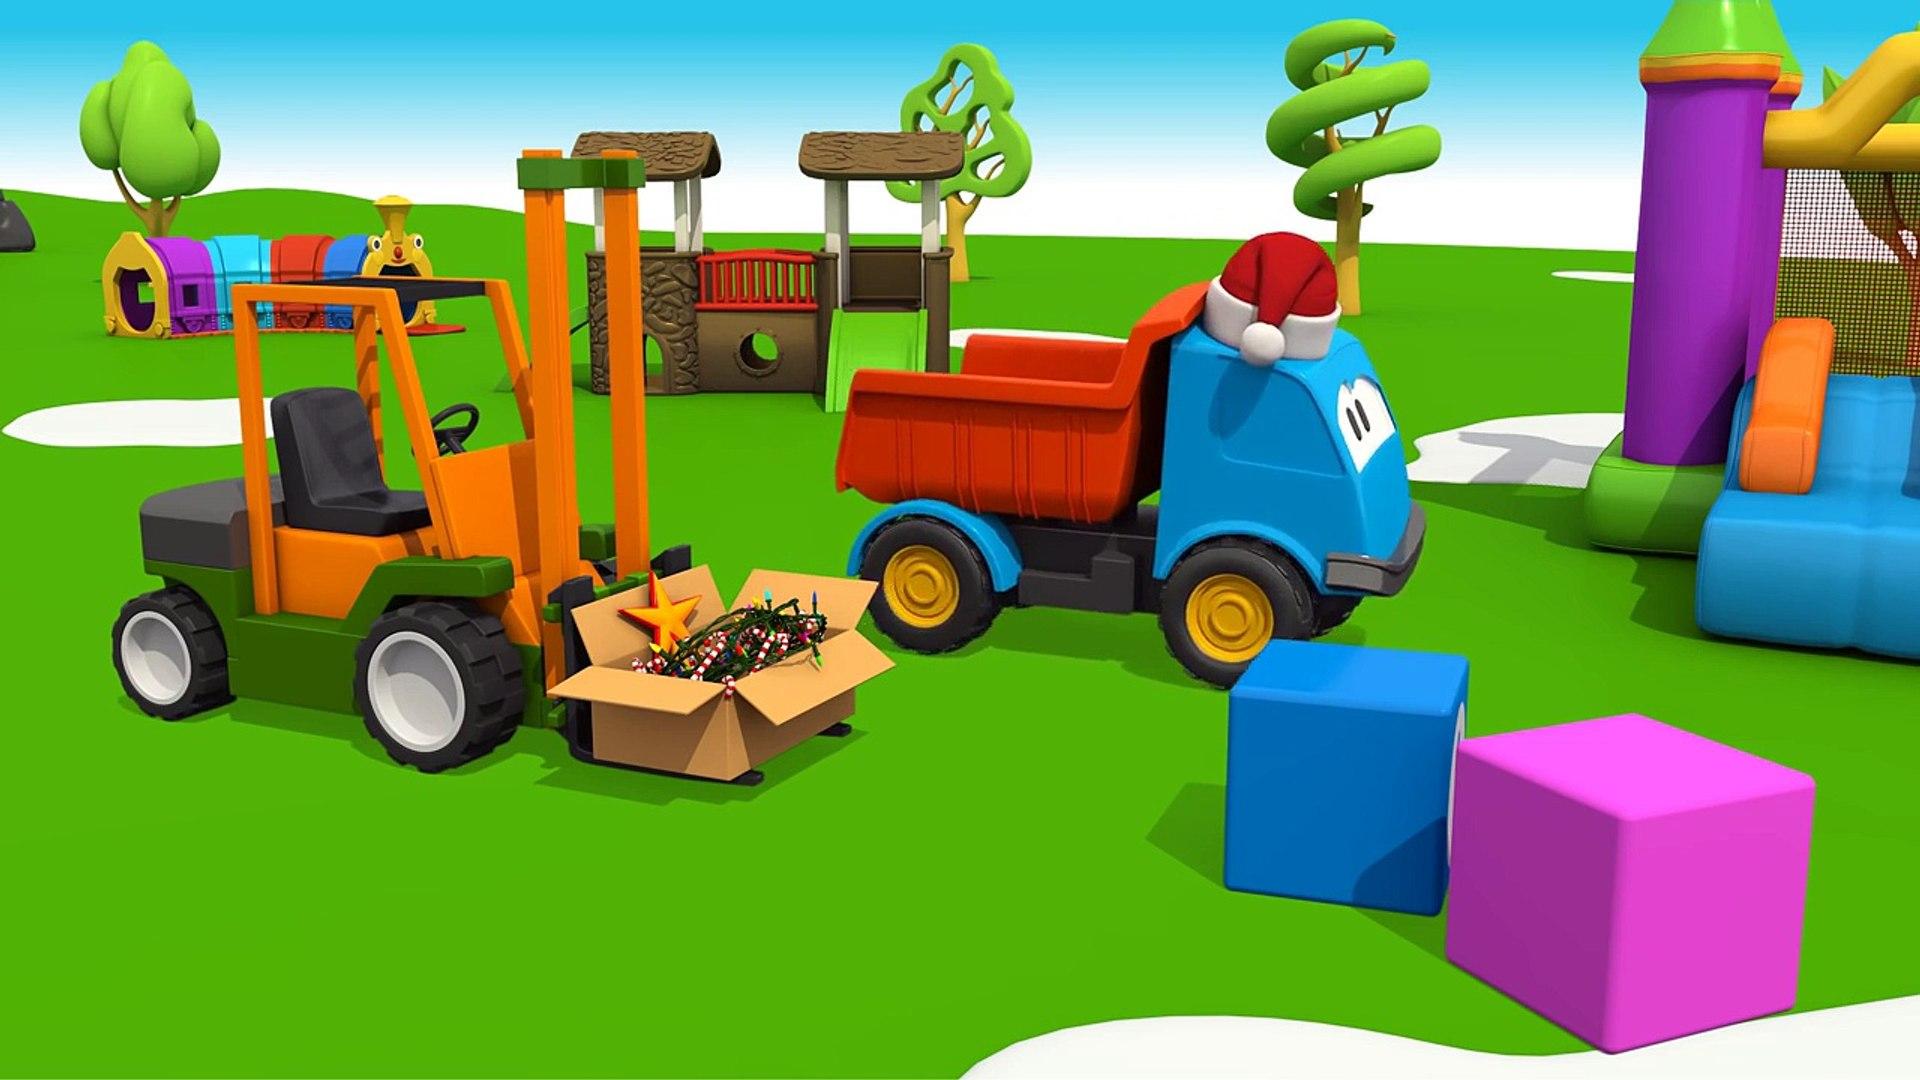 Мультик про машинки: Новогодняя песенка грузовичка Левы: Новогодние мультфильмы для детей